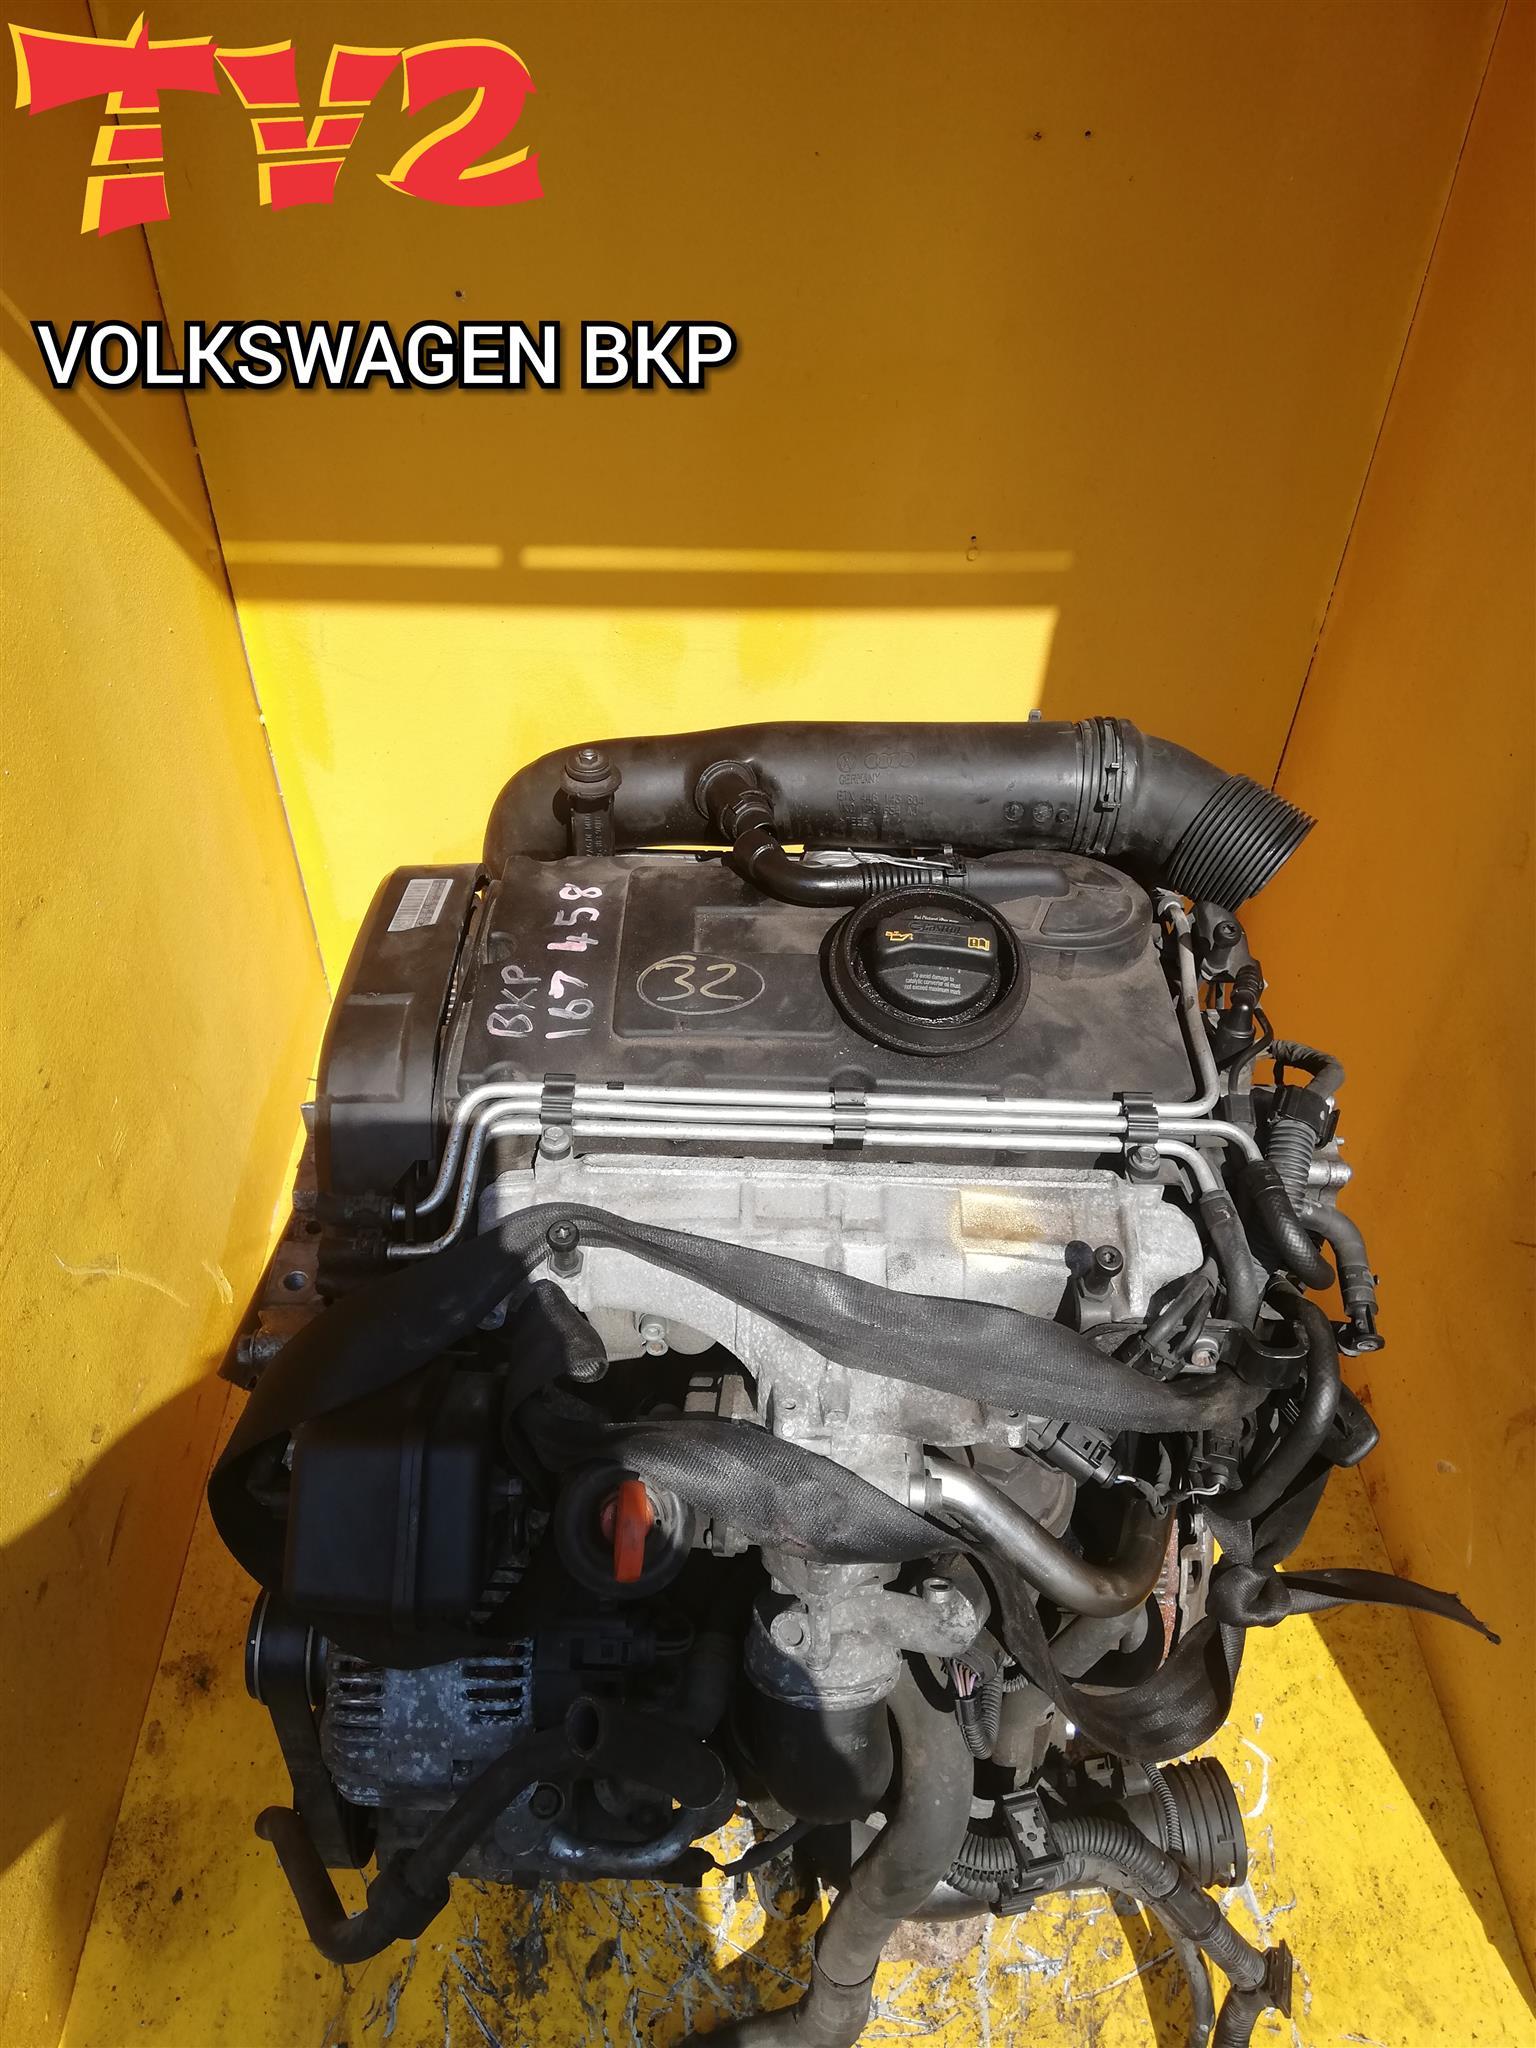 VOLKSWAGEN- BKP ENGINE FOR SALE